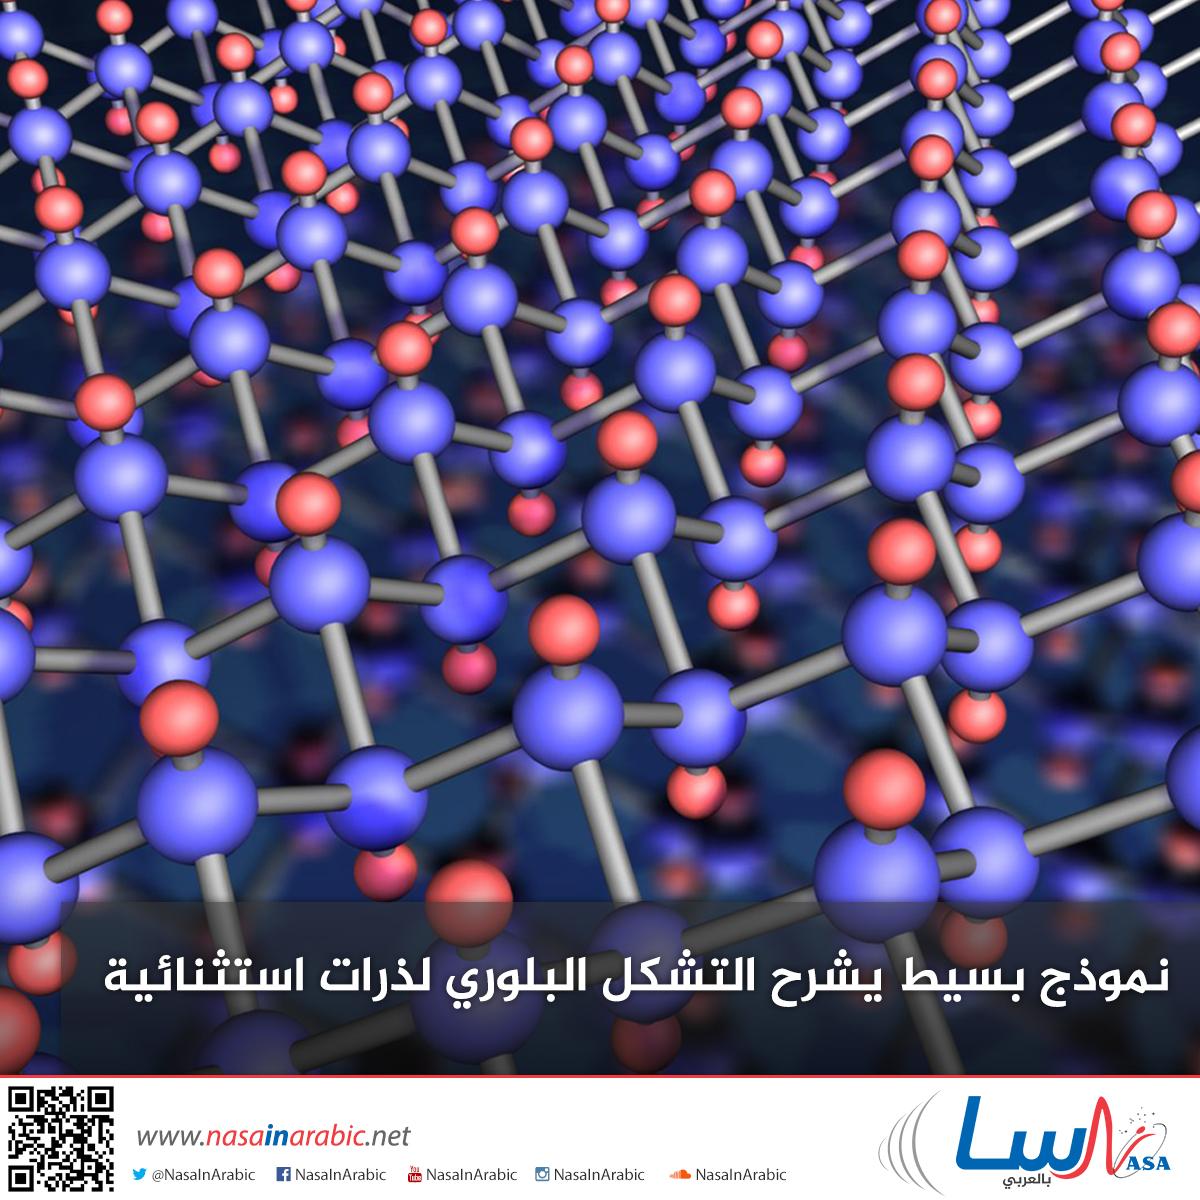 نموذج بسيط يشرح التشكل البلوري لذرات استثنائية